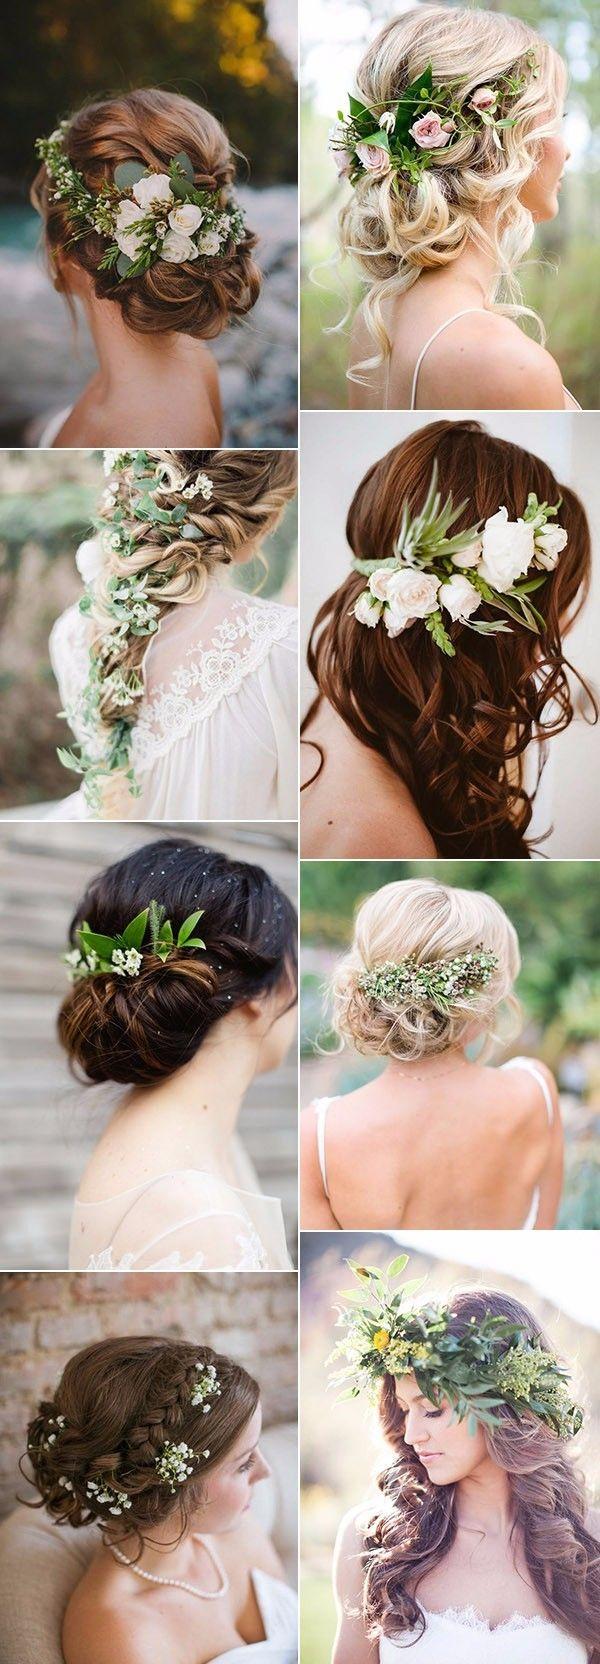 Plantas, flores e folhagens no penteado da noiva